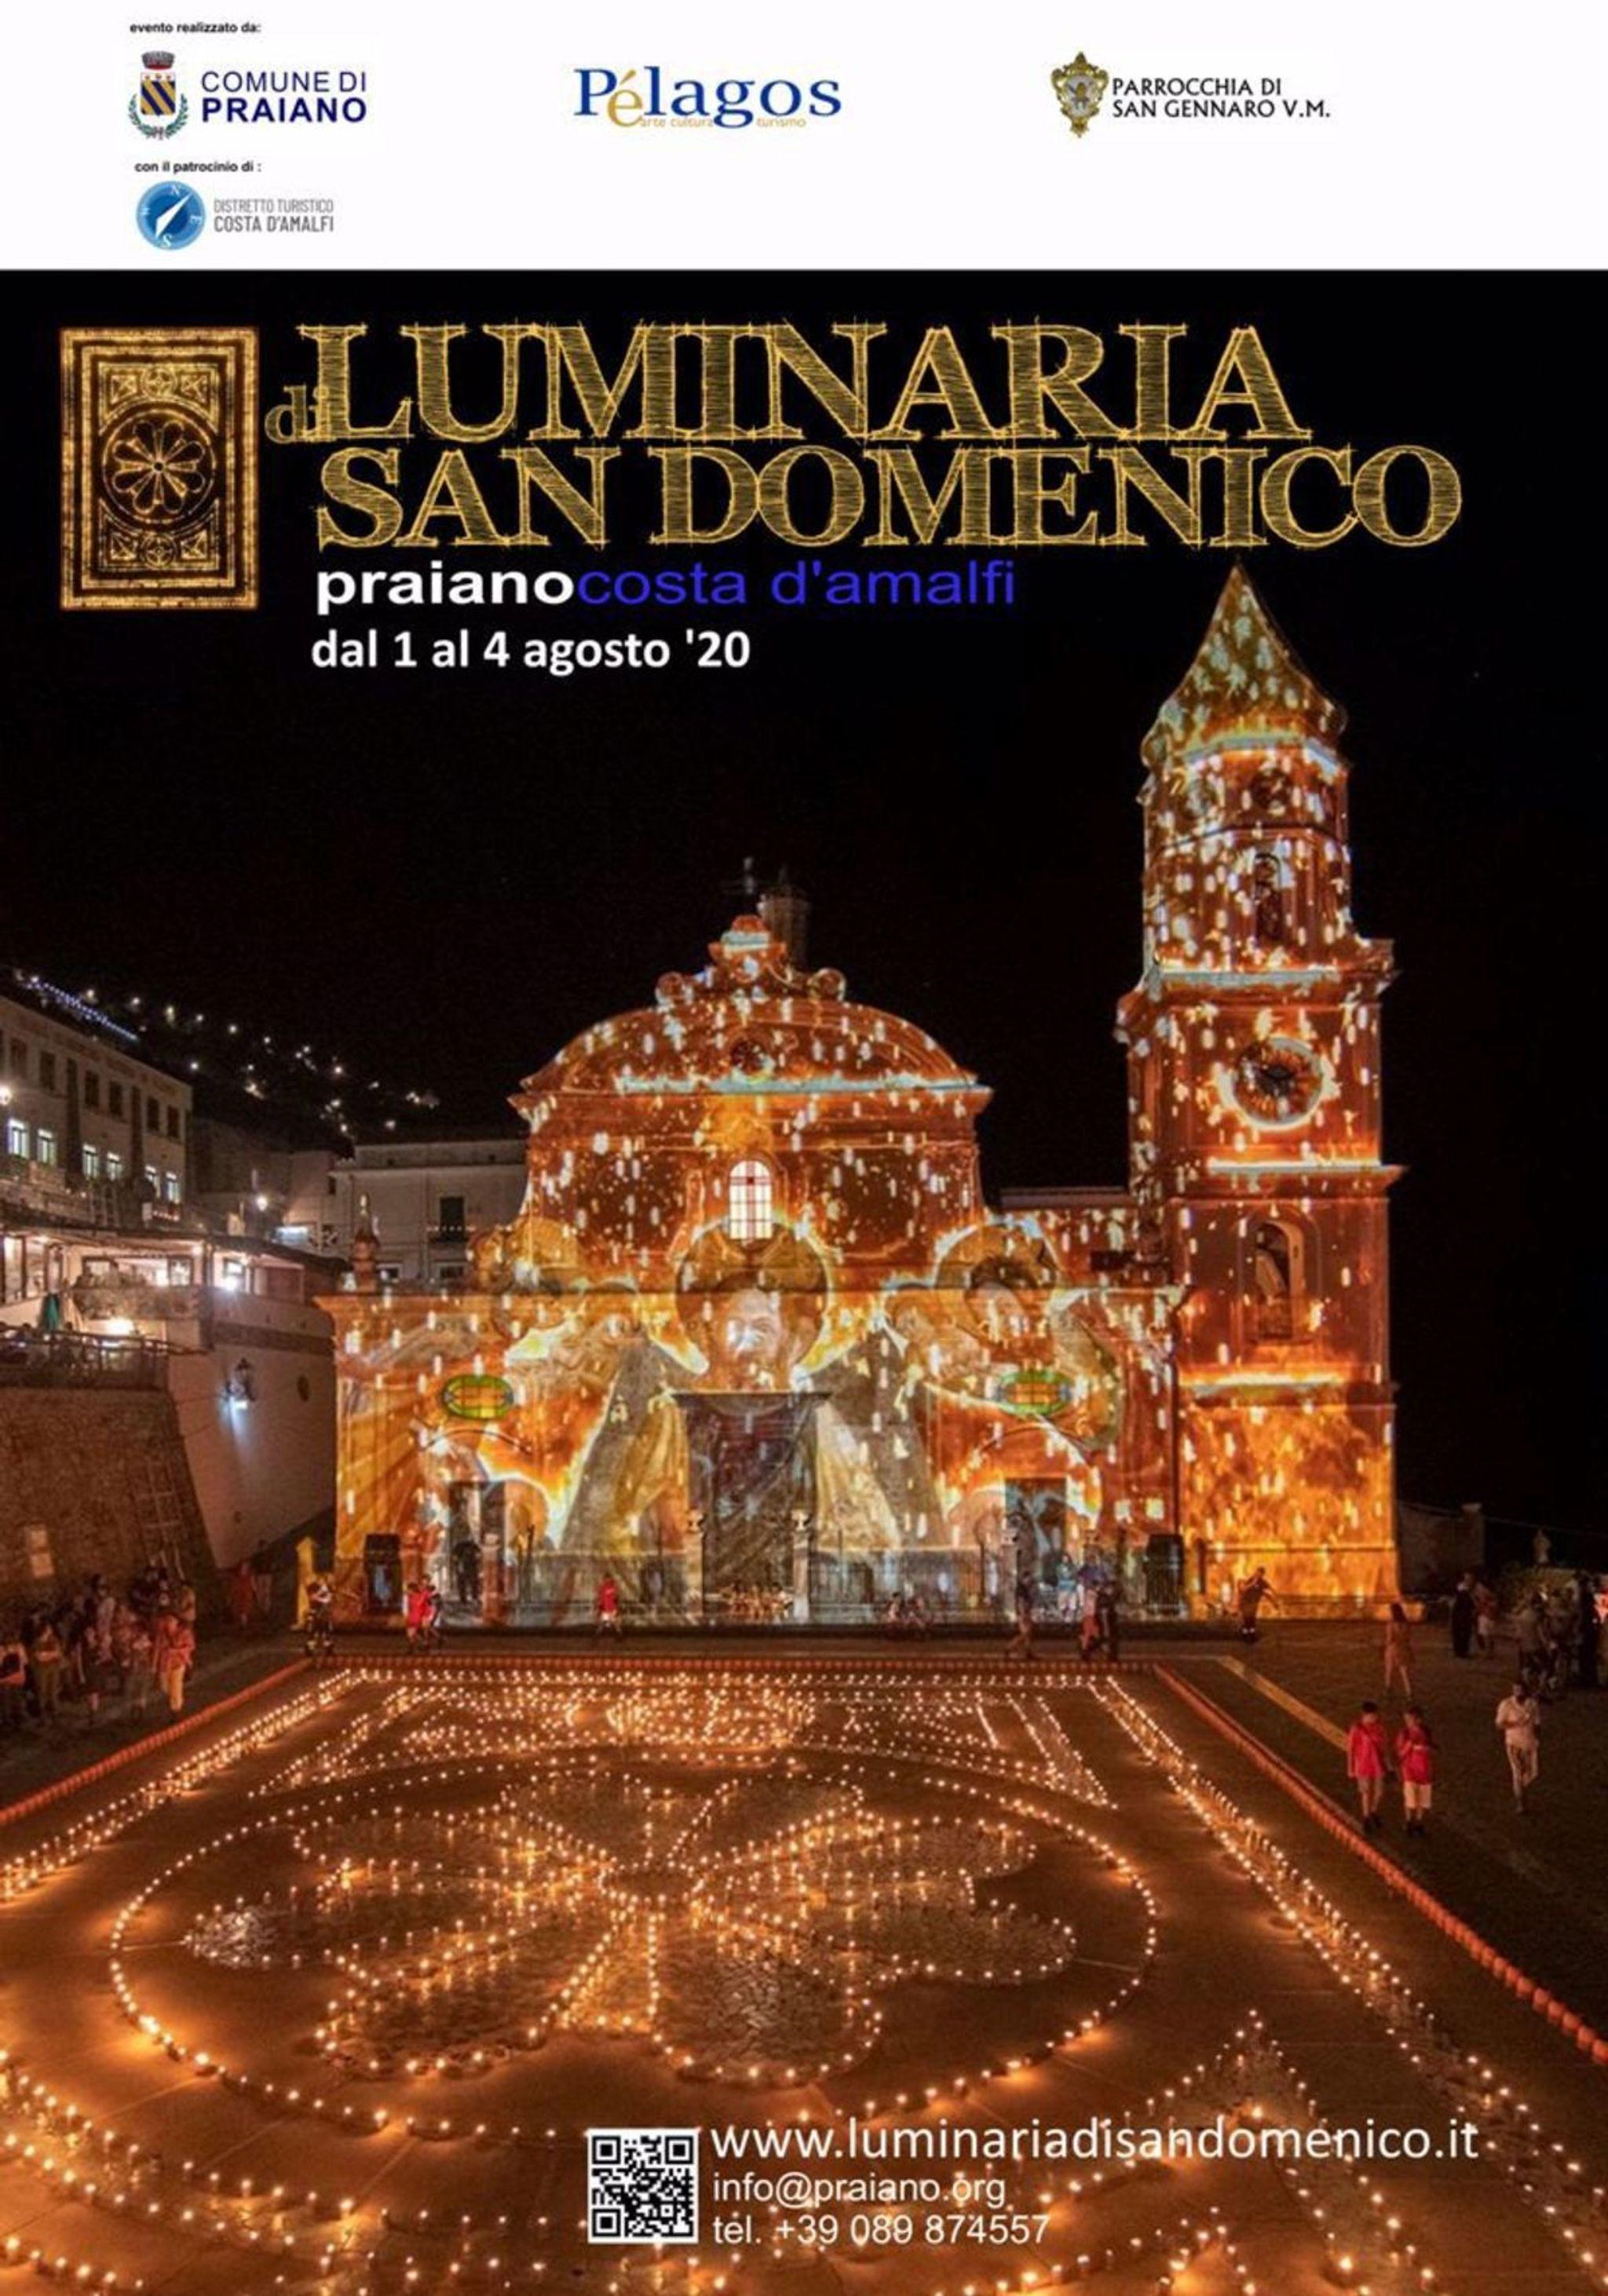 Luminaria di San Domenico